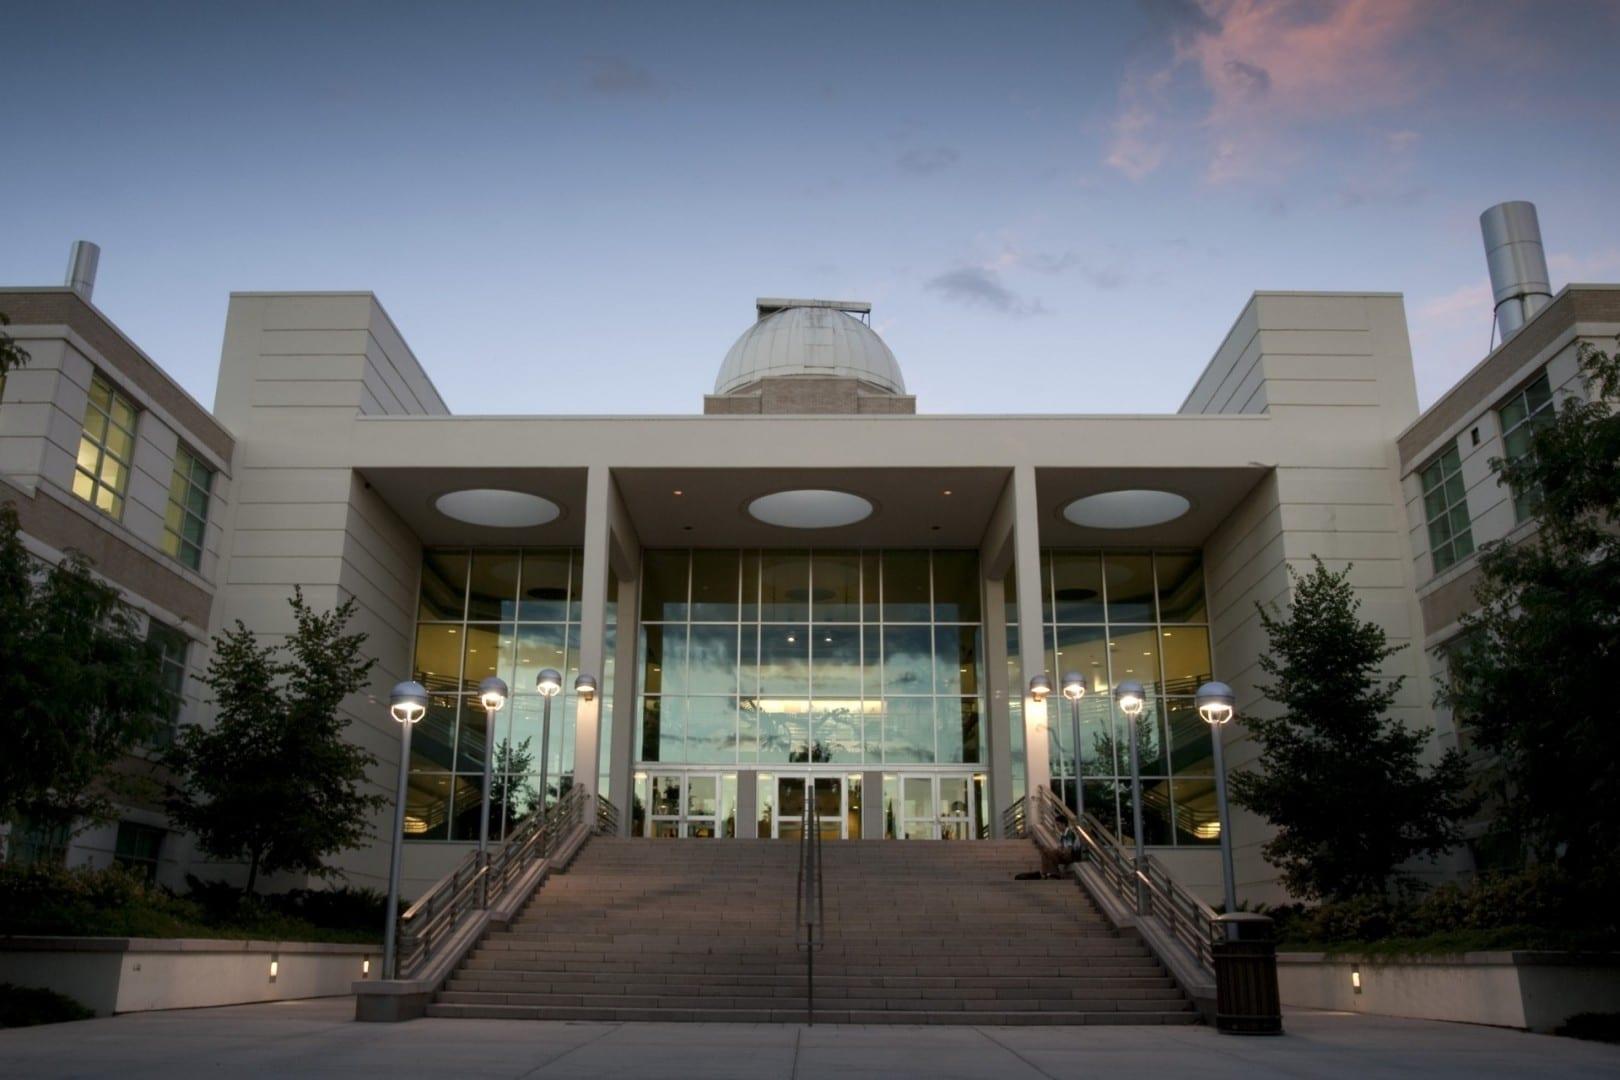 El Centro Científico Eyring alberga un planetario, una cámara anecoica y un péndulo de Foucault. Provo UT Estados Unidos